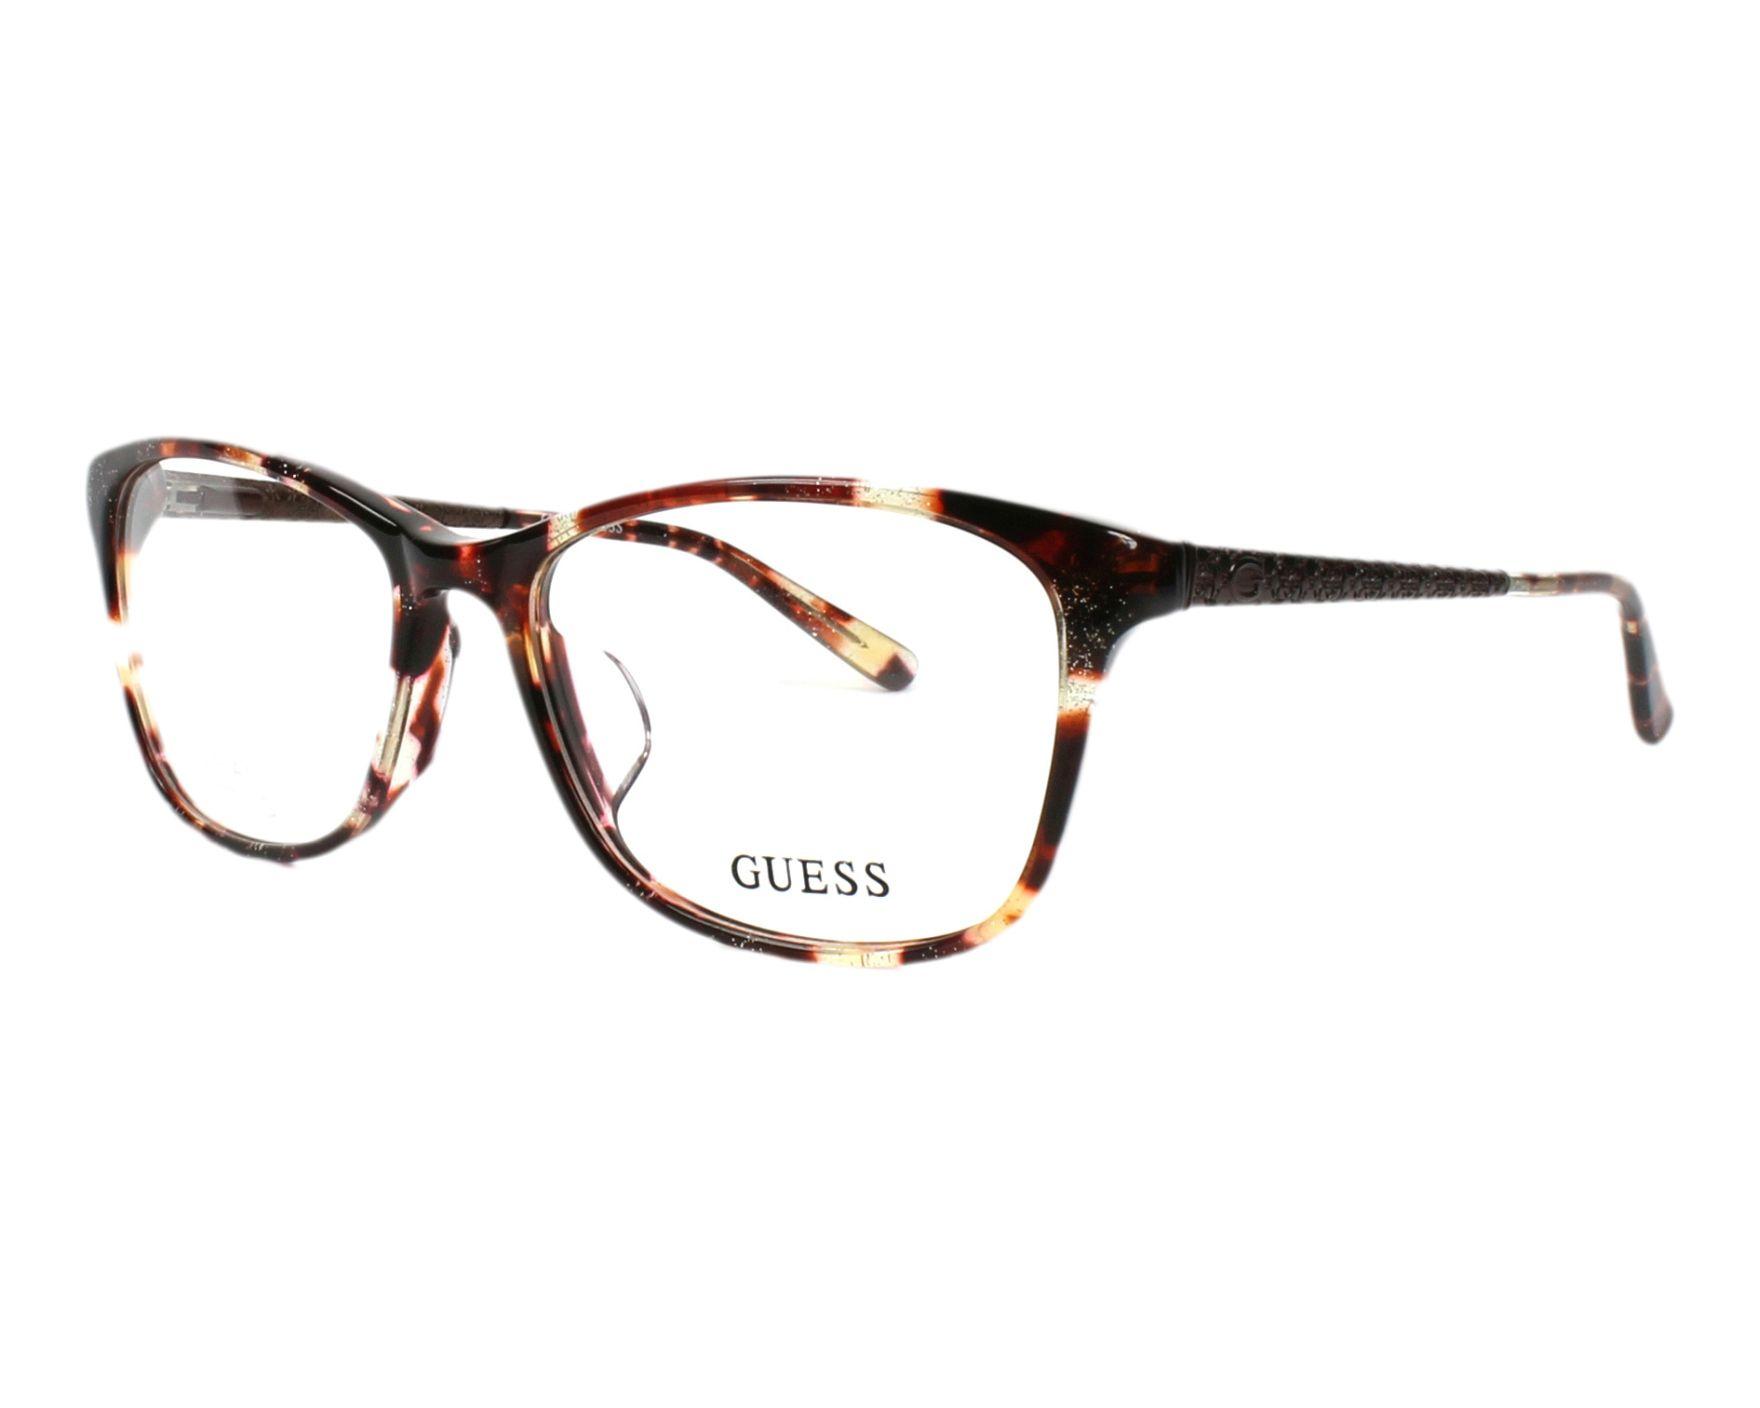 Guess Eyeglasses Havana GU-2500 047 - Visionet US